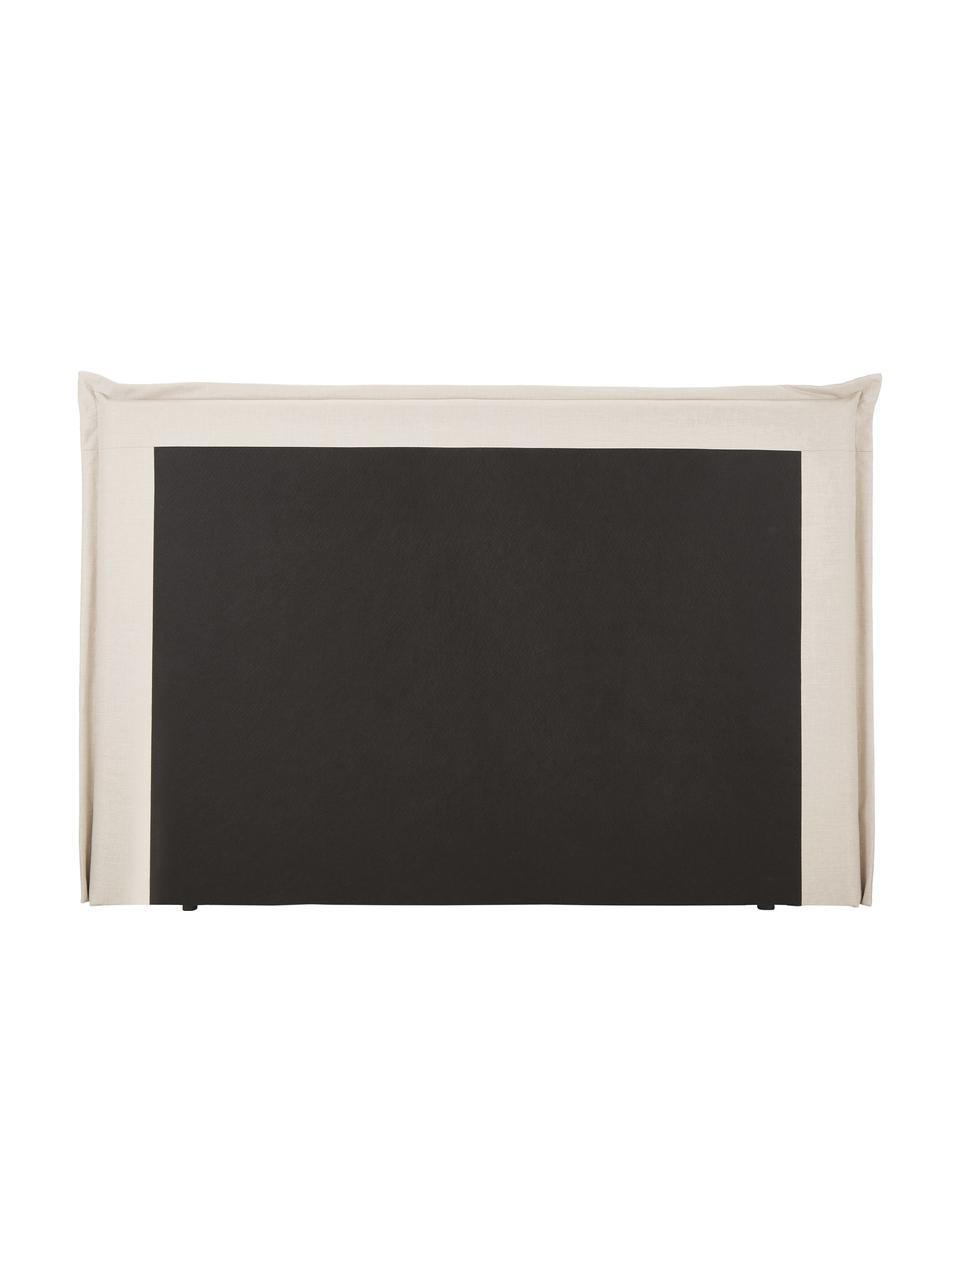 Premium Boxspringbett Violet in Beige, Matratze: 5-Zonen-Taschenfederkern, Füße: Massives Birkenholz, lack, Webstoff Beige, 160 x 200 cm